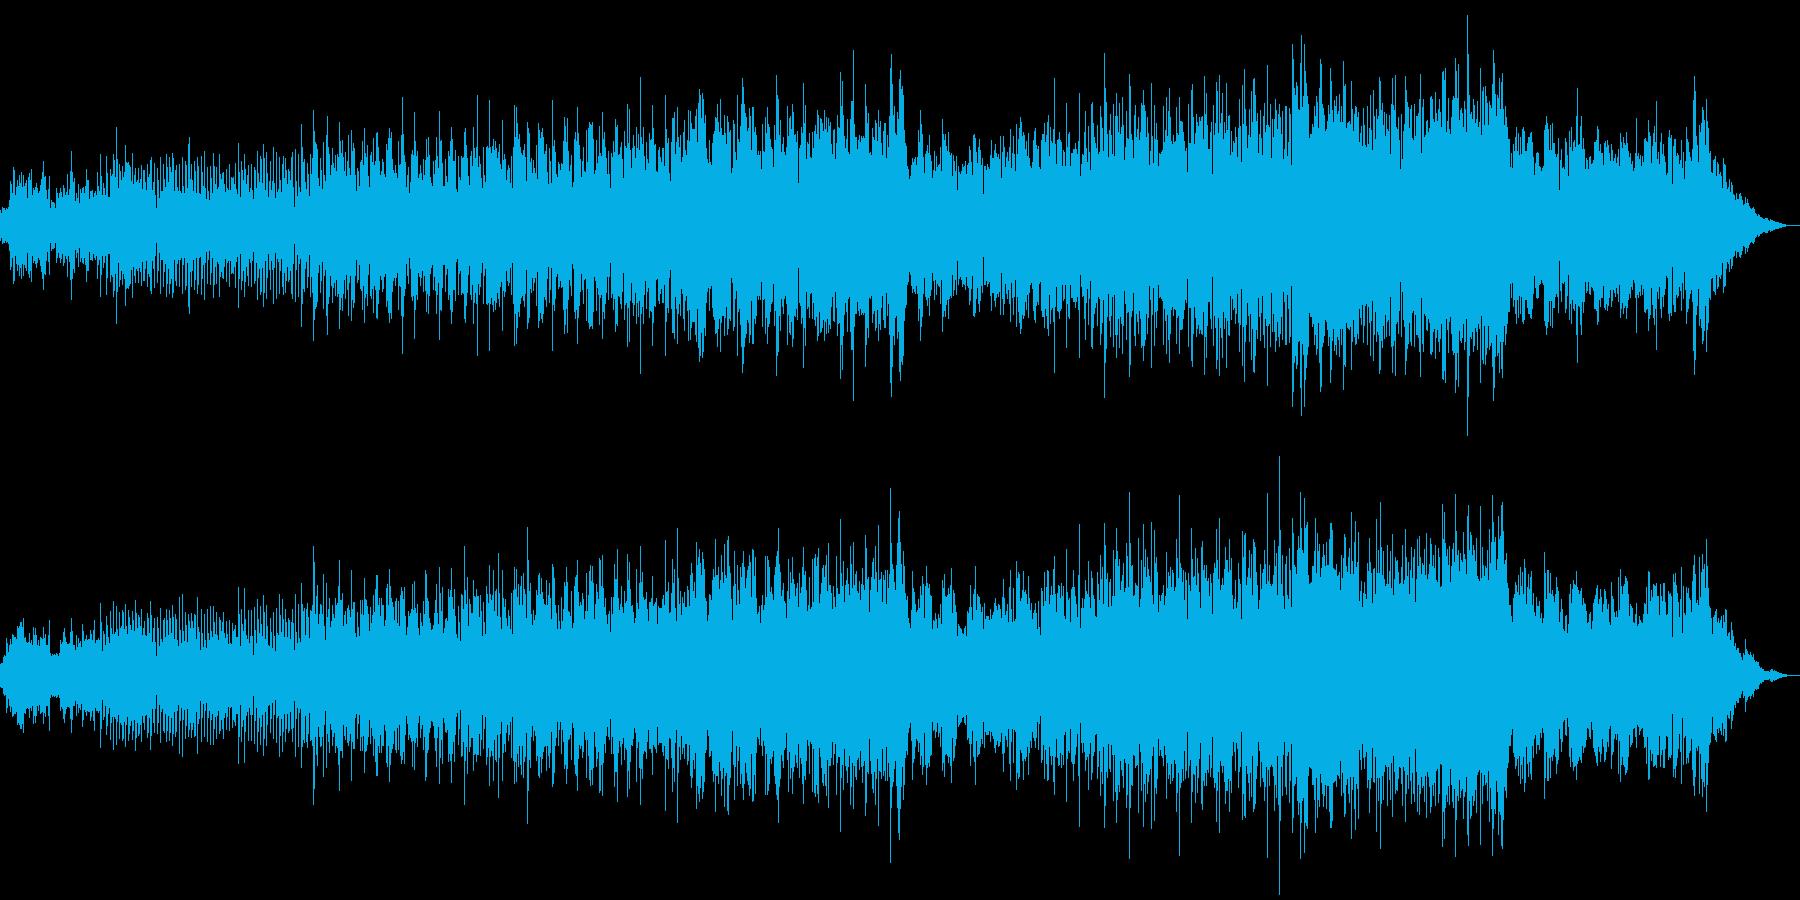 近未来感溢れるエレクトロニカの再生済みの波形